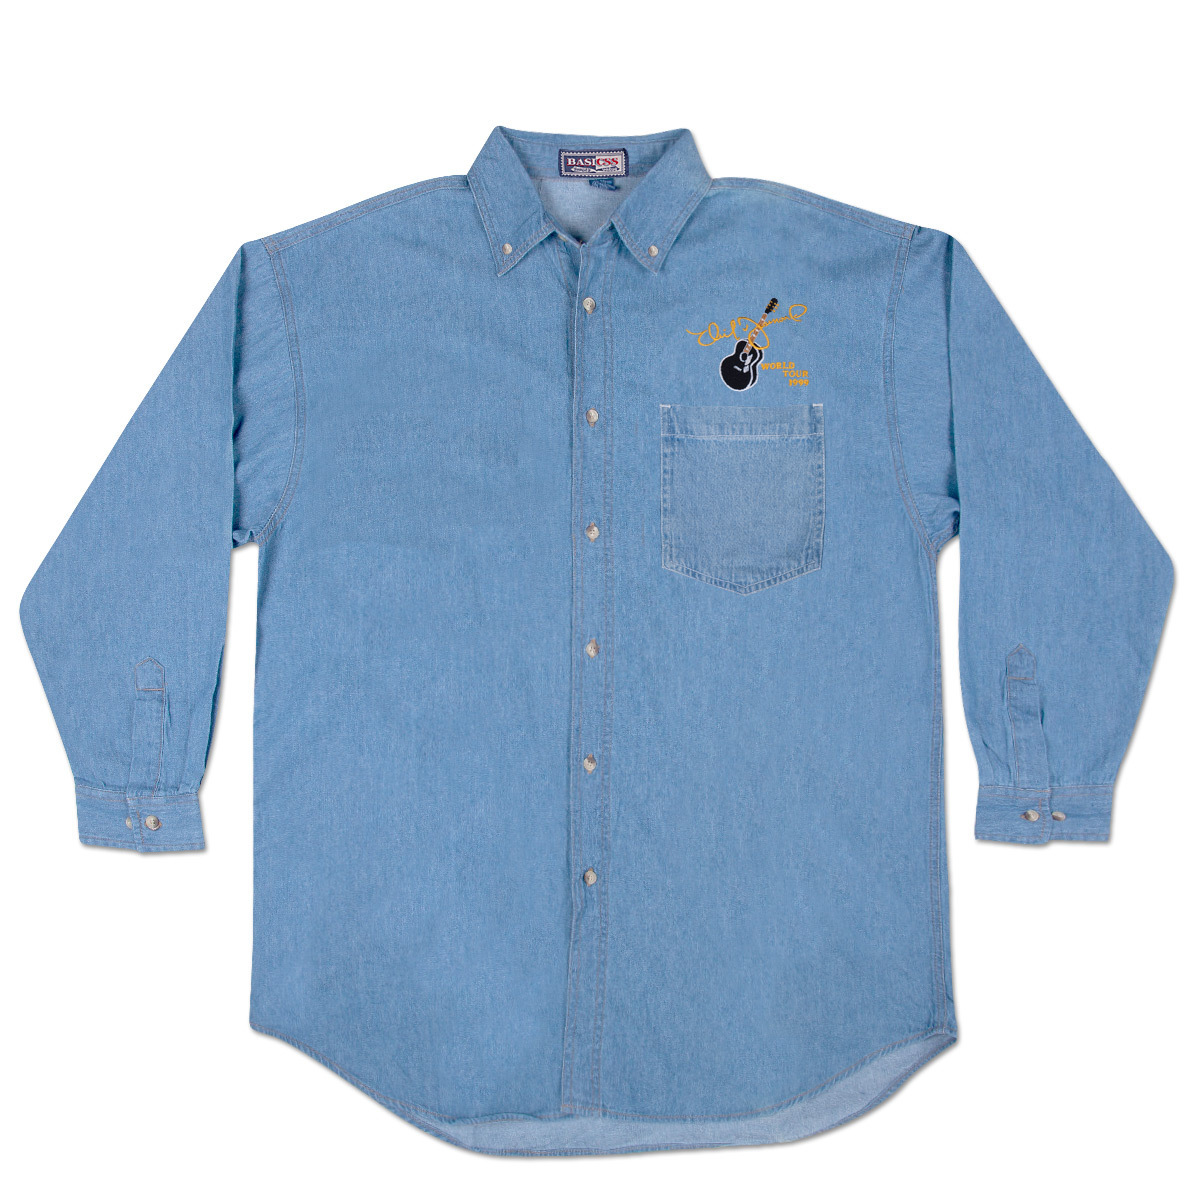 World Tour ' 99 Light Denim Shirt